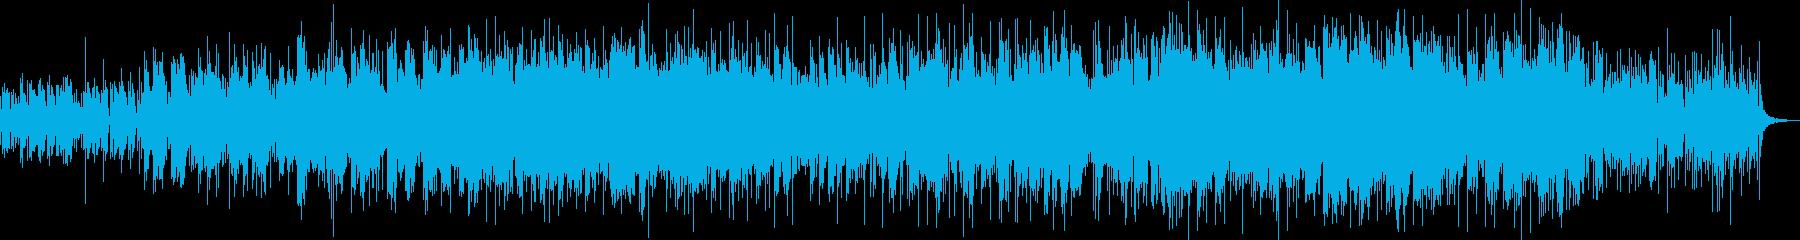 穏やかに奏でるポップ・フォークの再生済みの波形